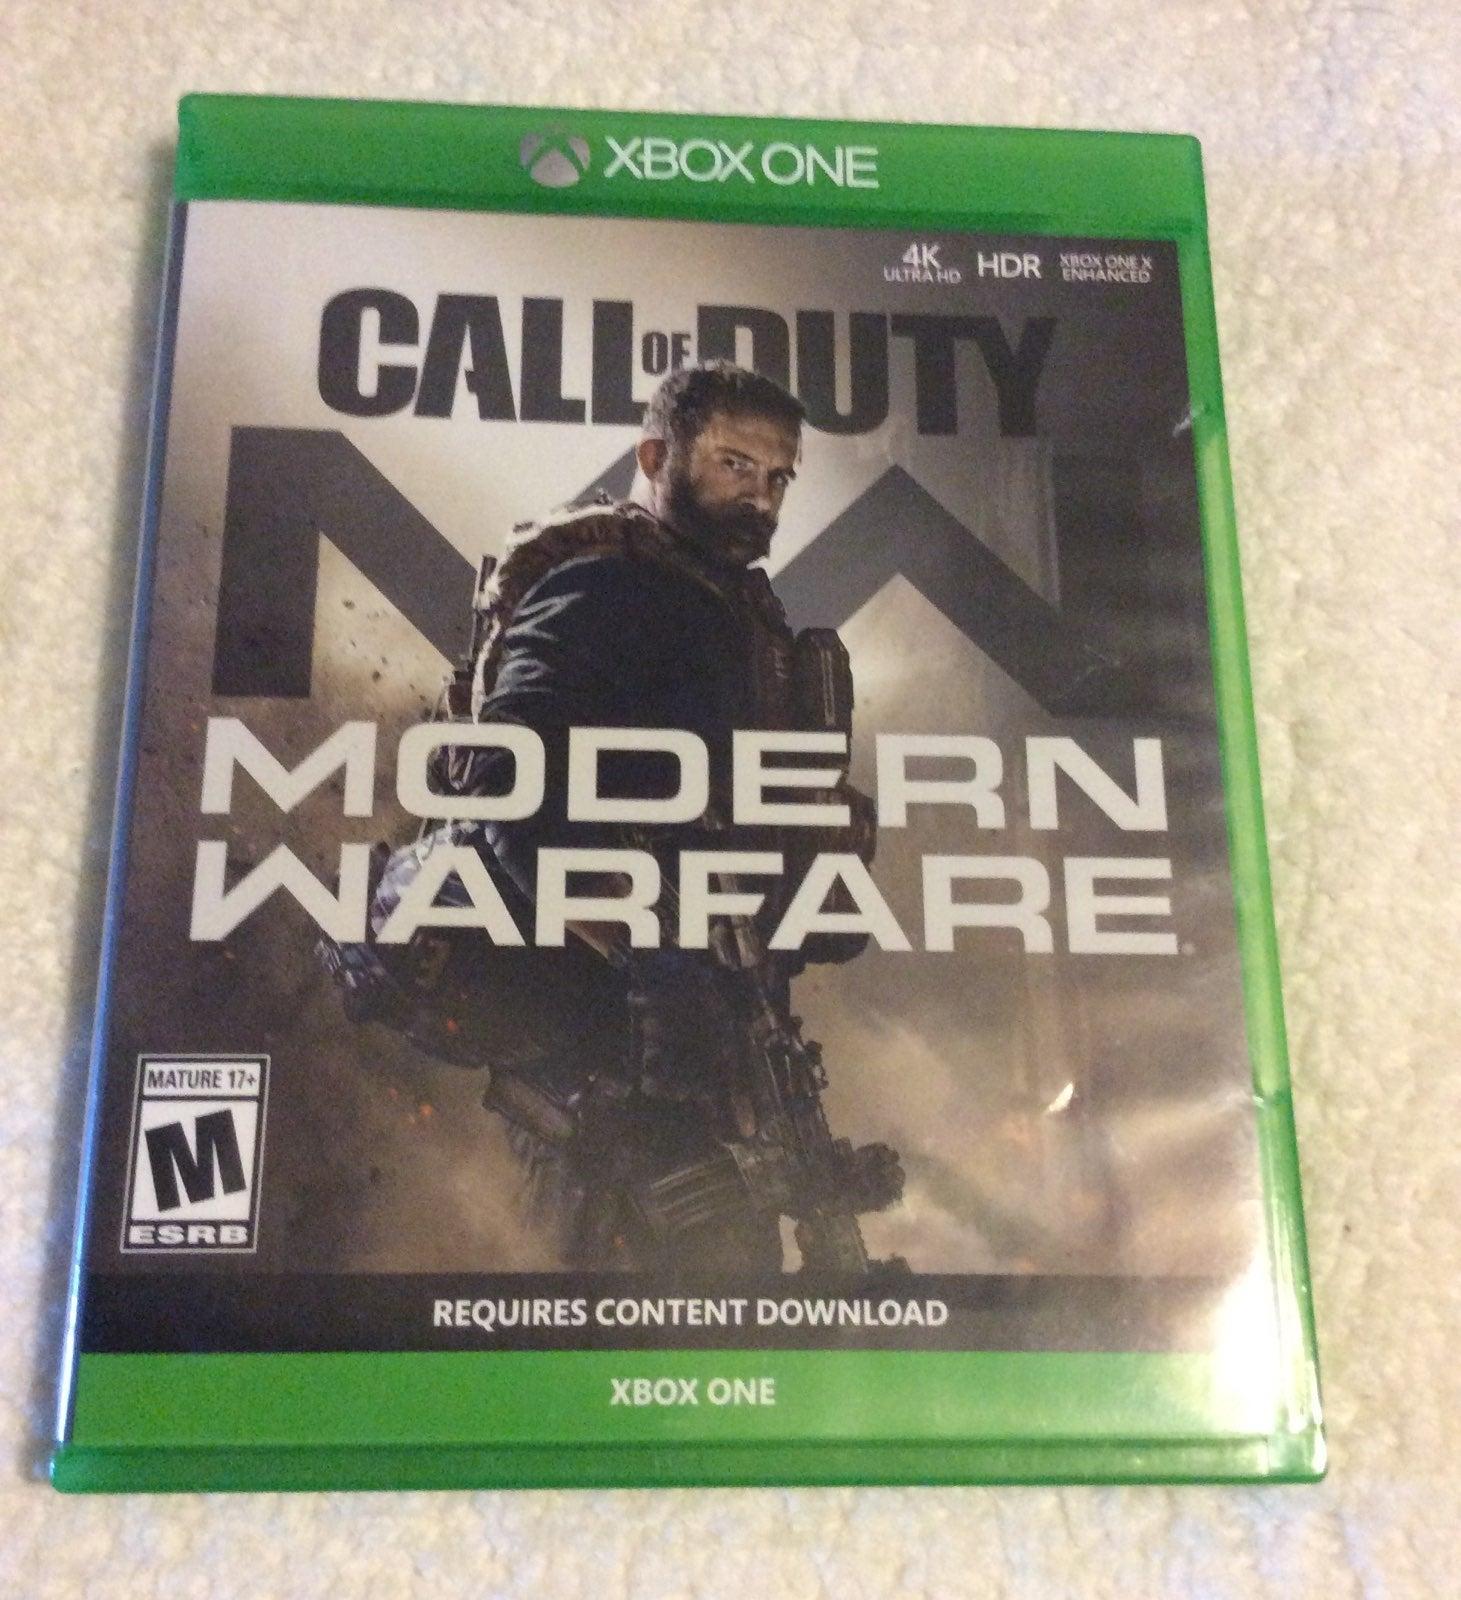 Call of Duty: Modern Warfare on Xbox One